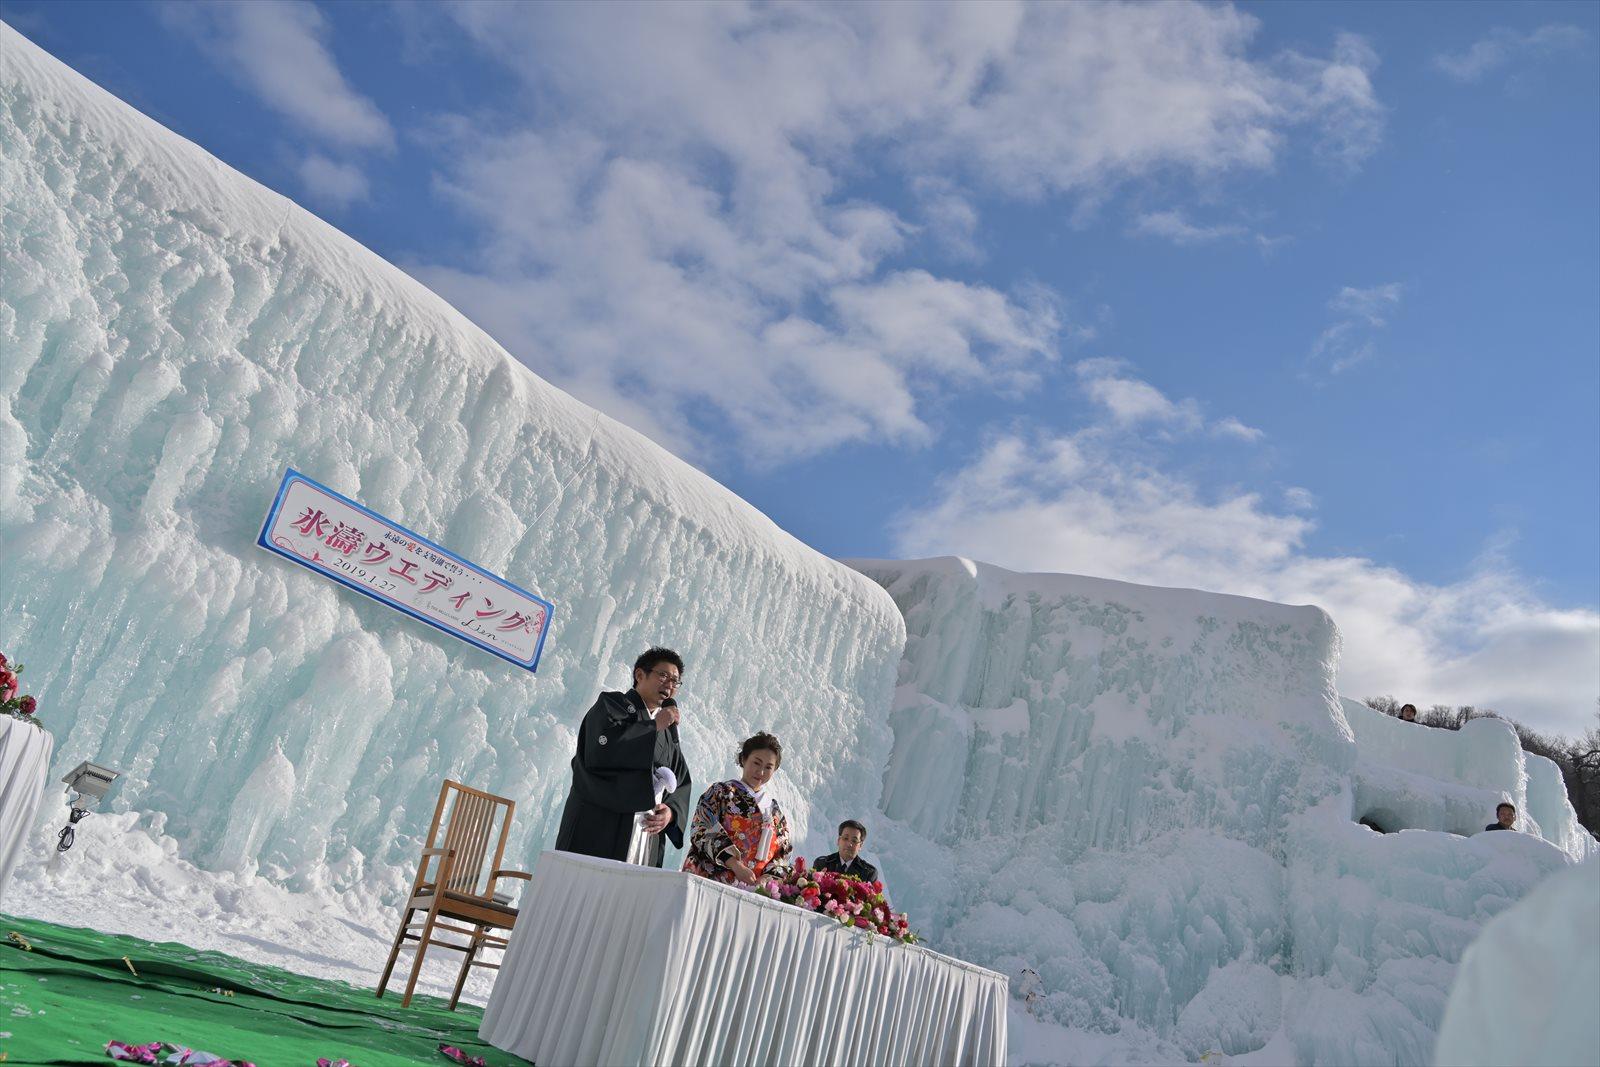 氷濤ウェディング ~支笏湖 氷濤まつり 2019.1.27_a0145819_21285085.jpg